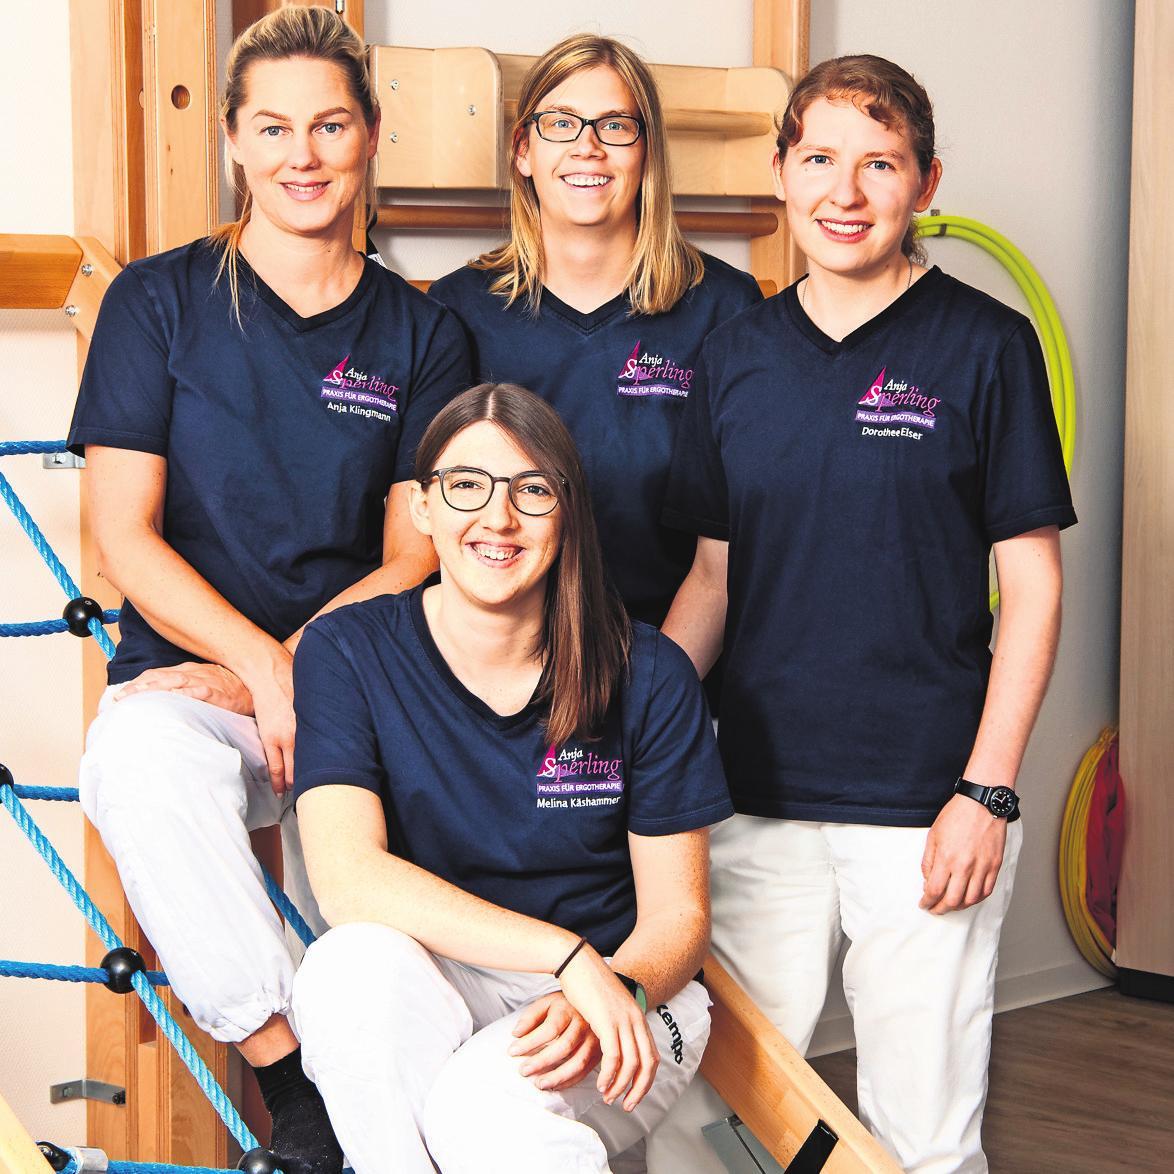 Im neuen Umfeld: Anja Sperling (Mitte, stehend) und ihr Team. Fotos: z